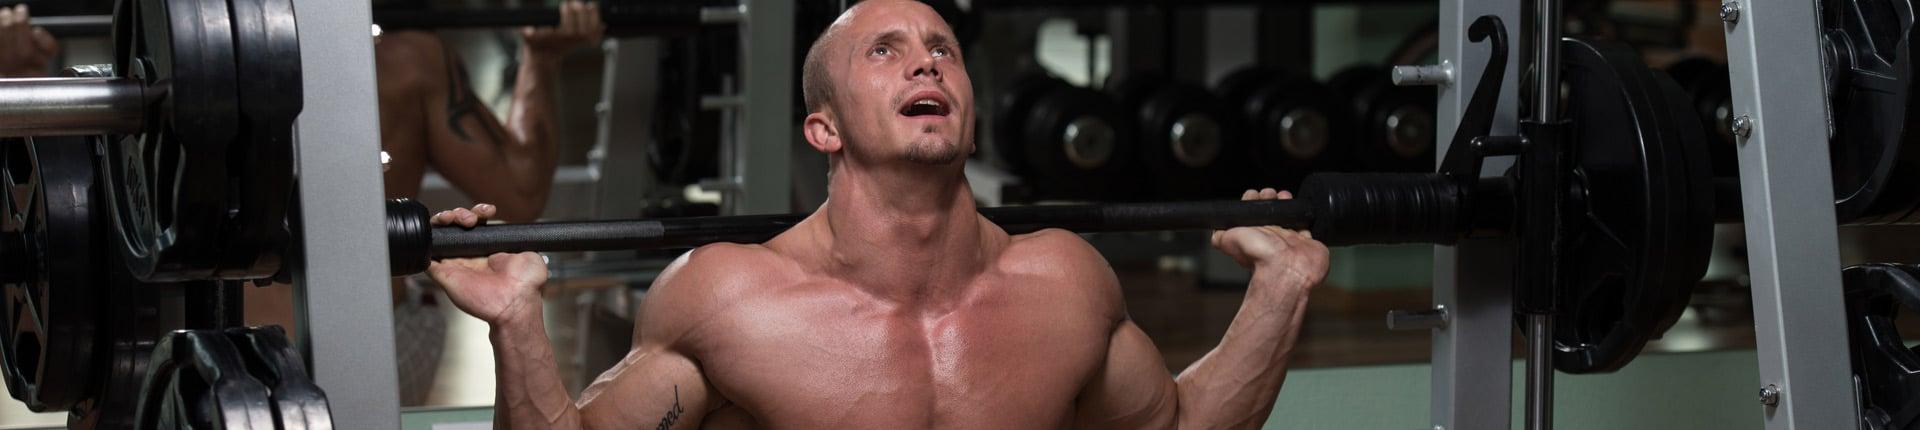 Mięśnie pośladkowe mężczyzn - jak trenować?